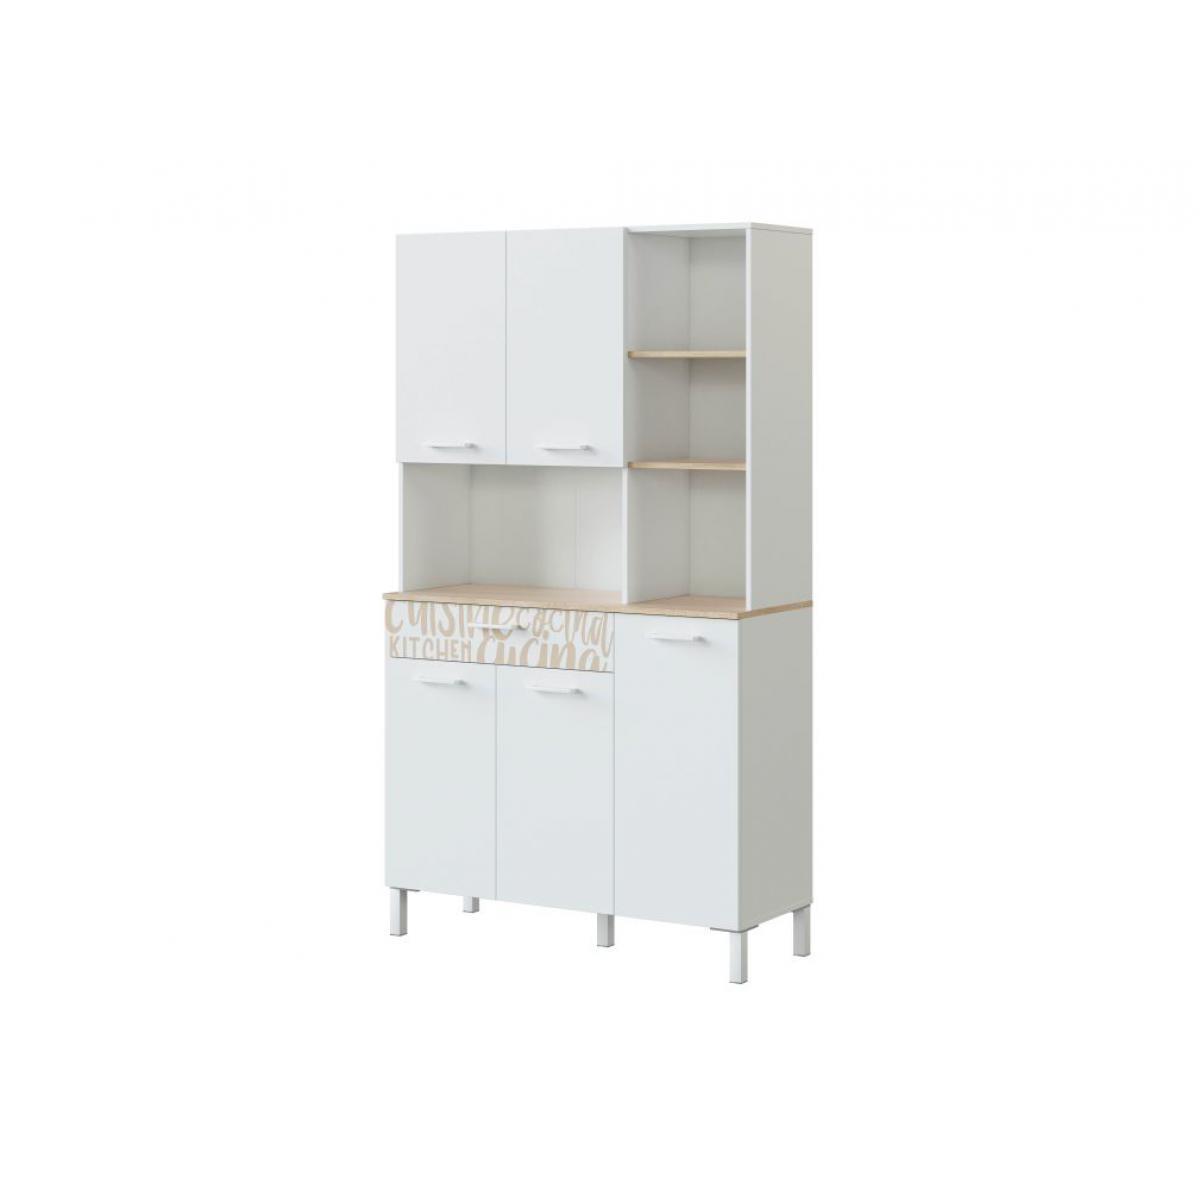 Usinestreet Buffet de cuisine ÉMILE 5 portes et 1 tiroir L108 x H186cm - Blanc / Bois motif